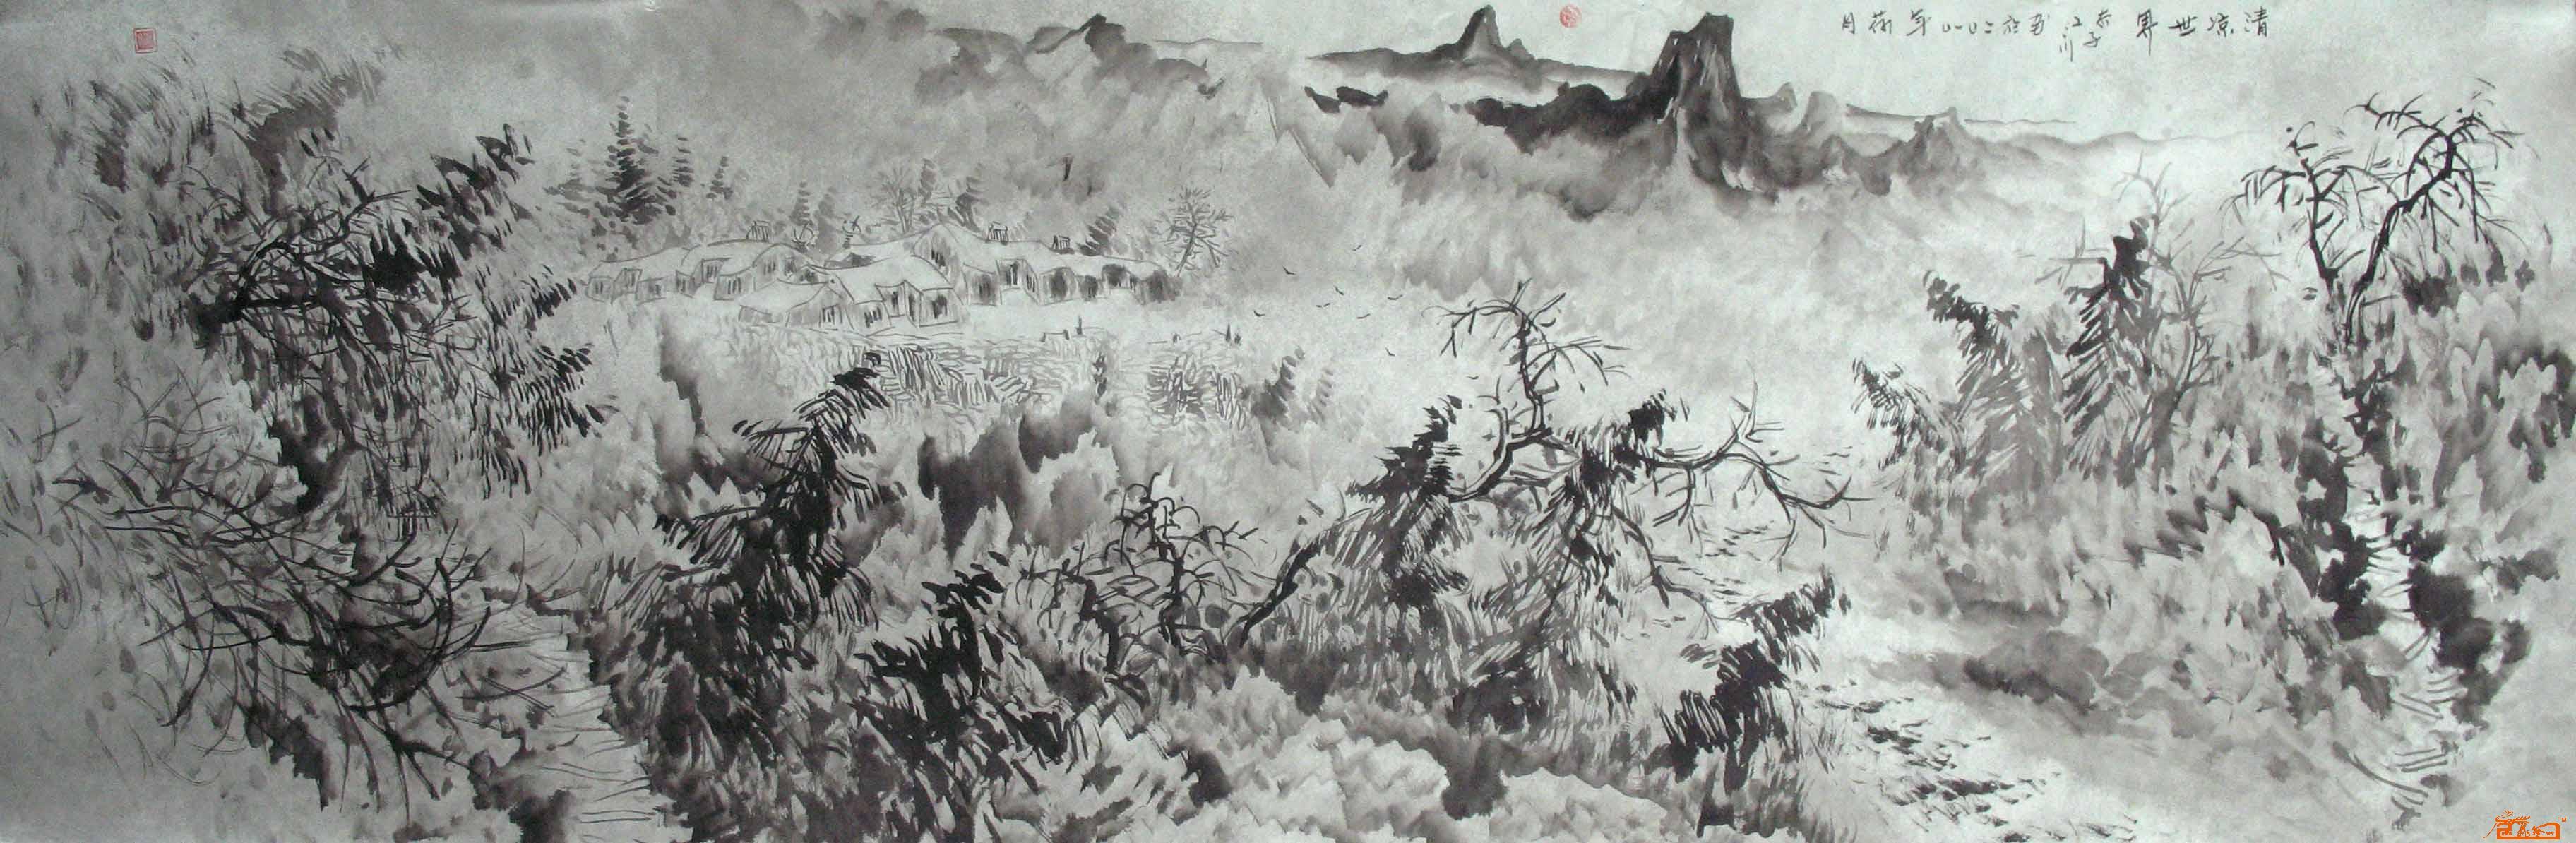 国画雪景桦树的图片